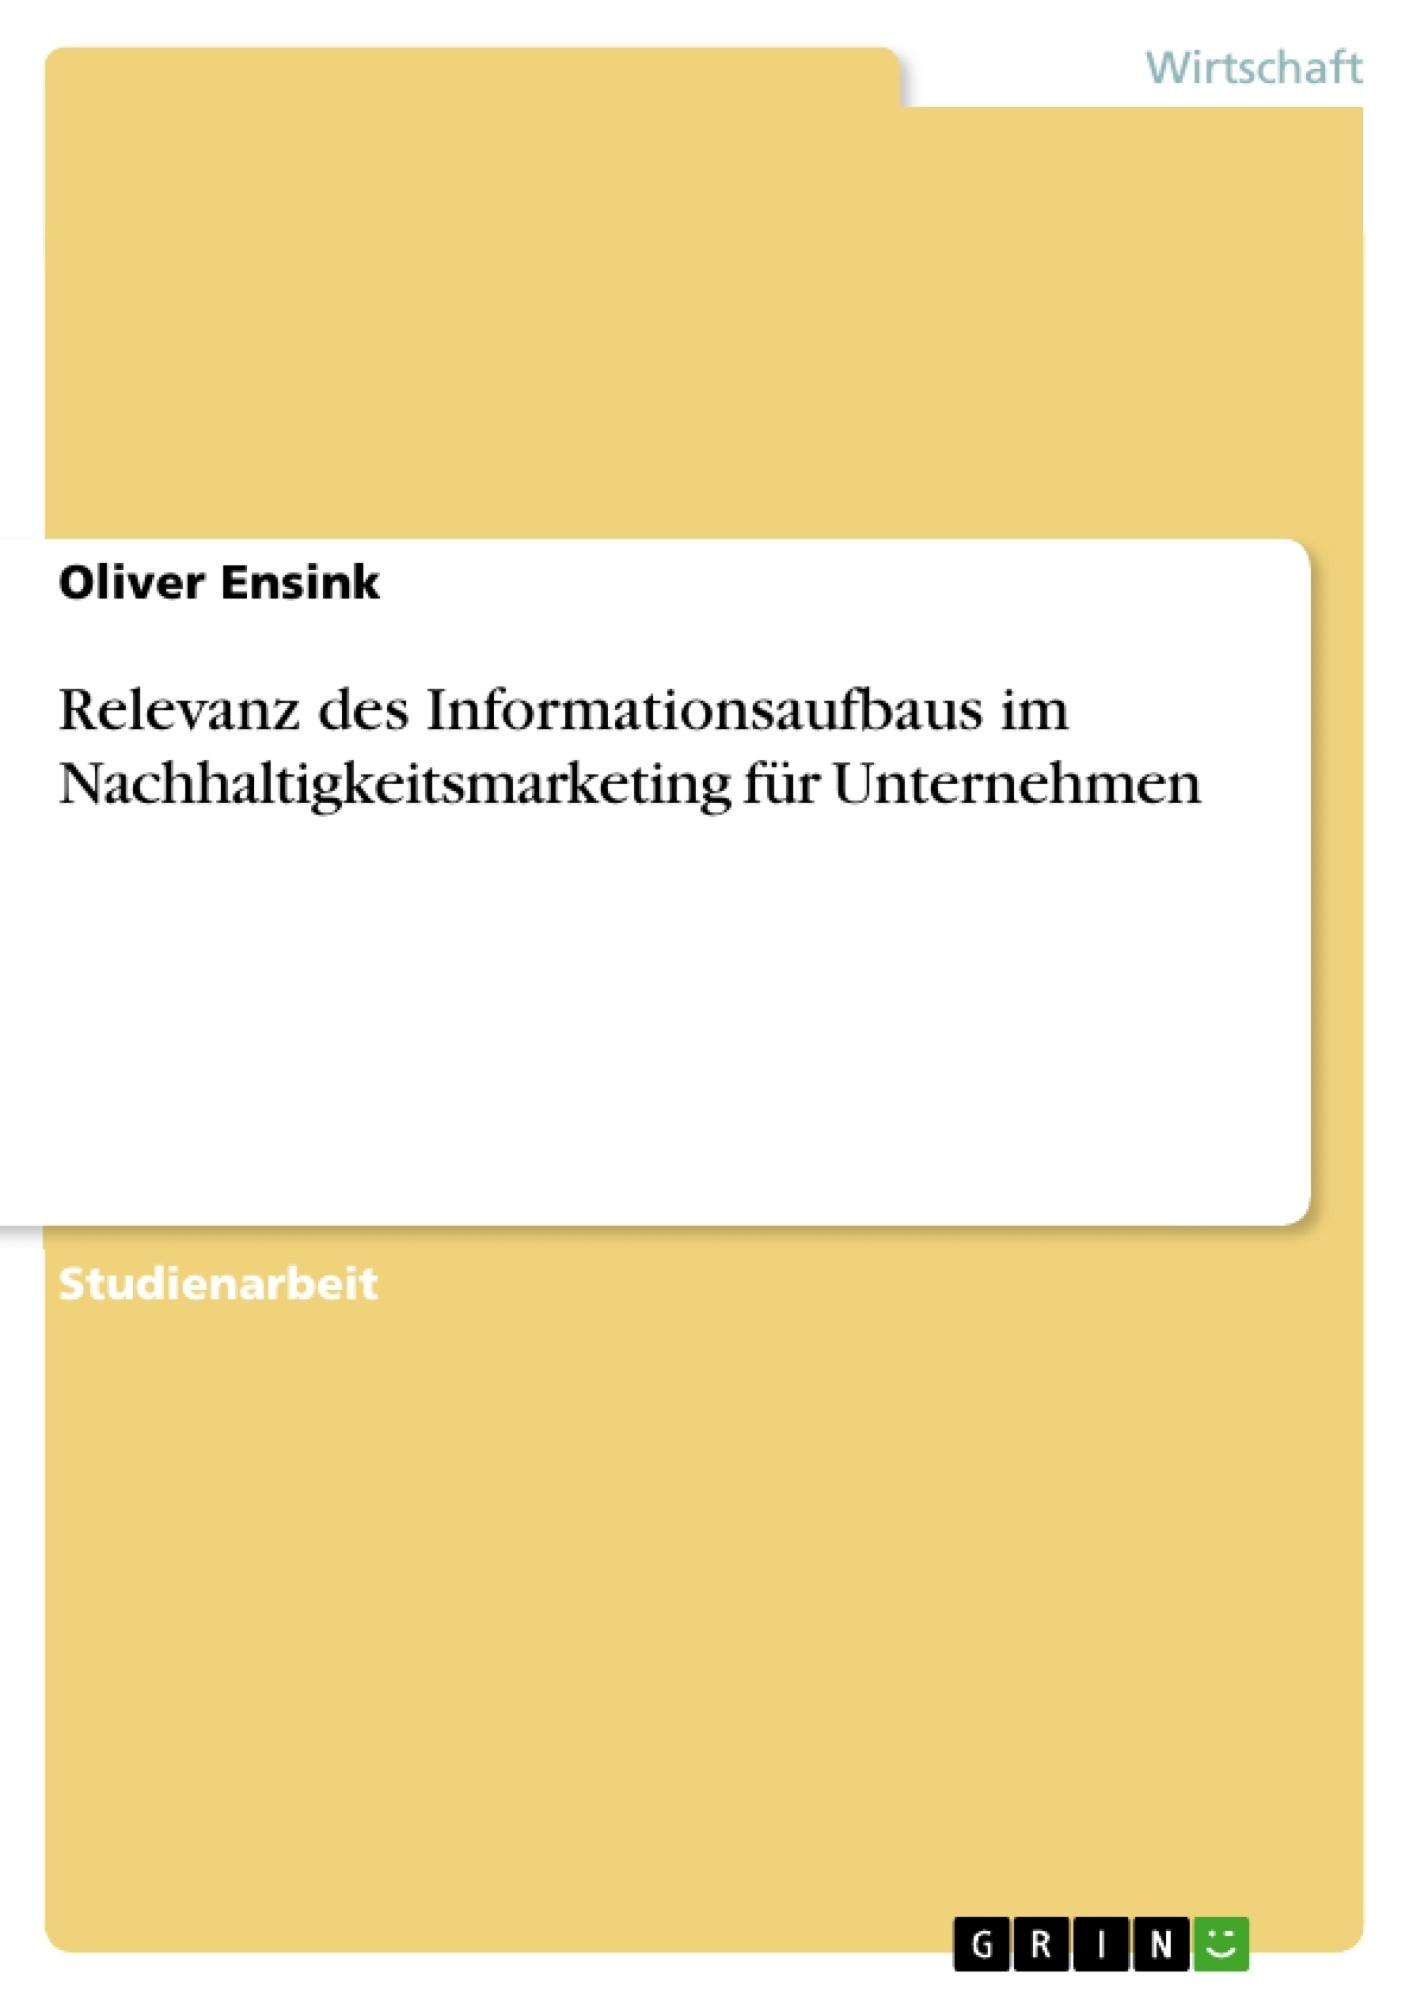 Titel: Relevanz des Informationsaufbaus im Nachhaltigkeitsmarketing für Unternehmen